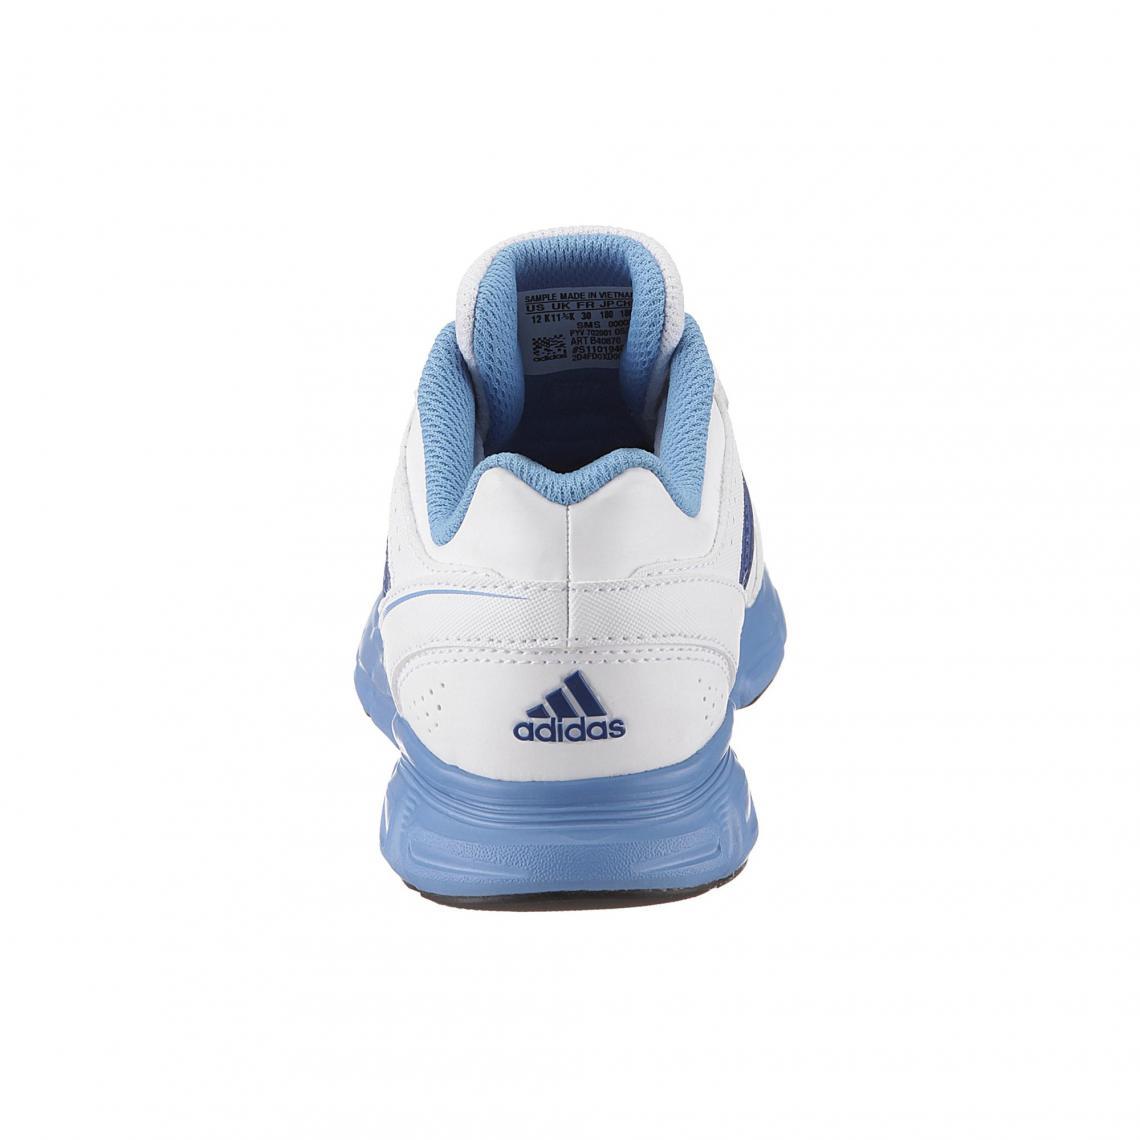 Adidas Blanc Suisses Et Bleu3 Baskets k0OPnw